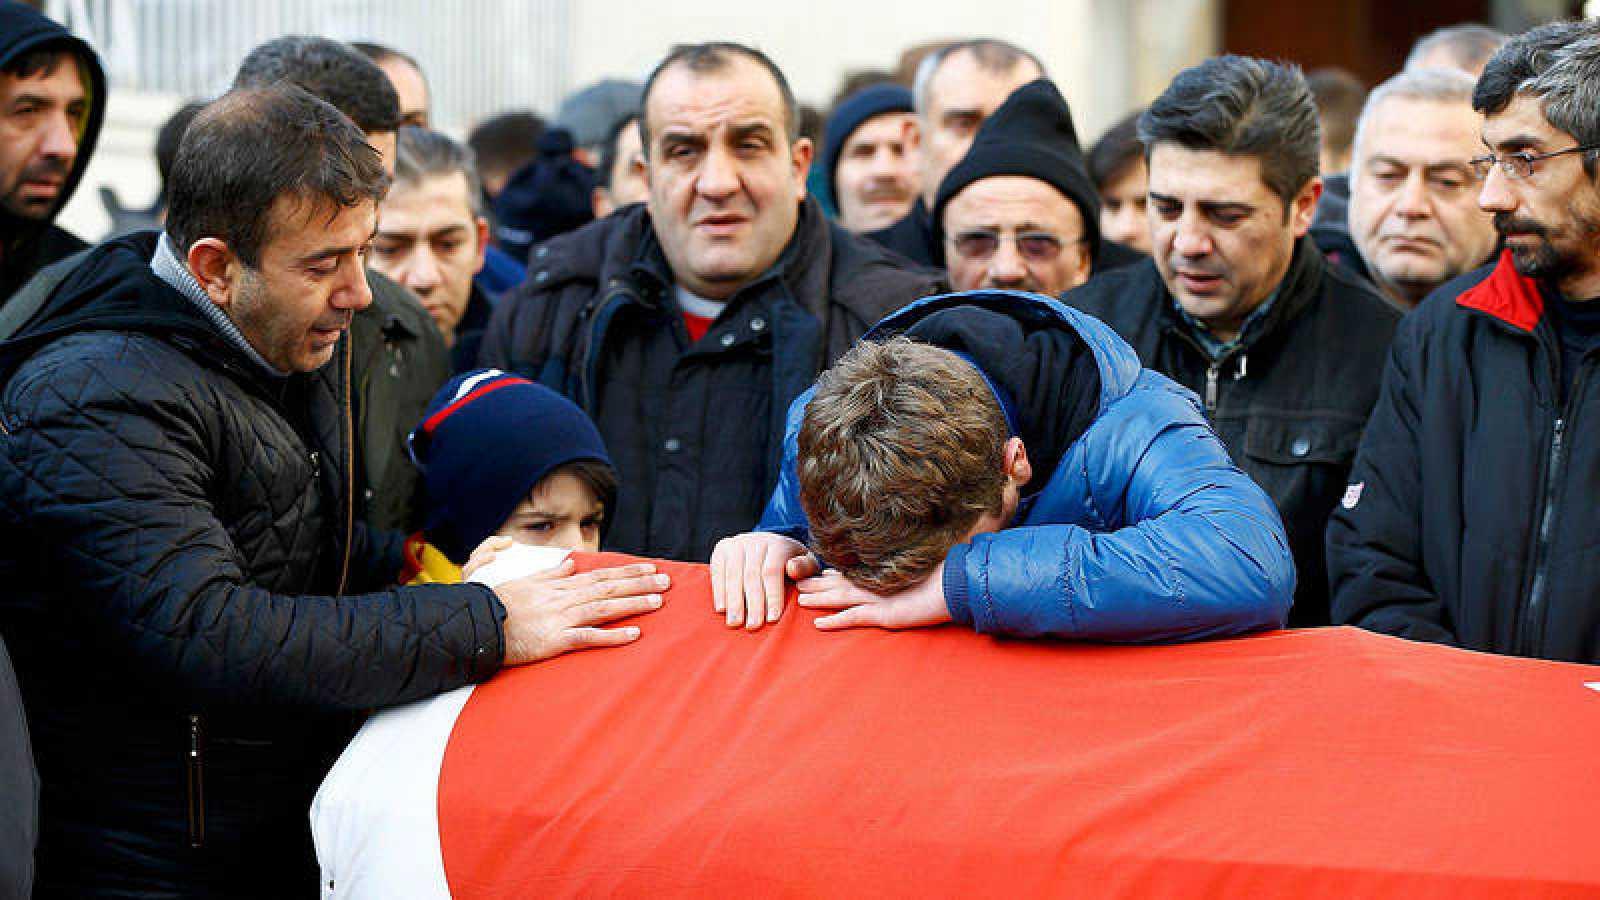 Familiares de Ayhan Arik, una de las víctimas del ataque al club Reina, lloran sobre su féretro